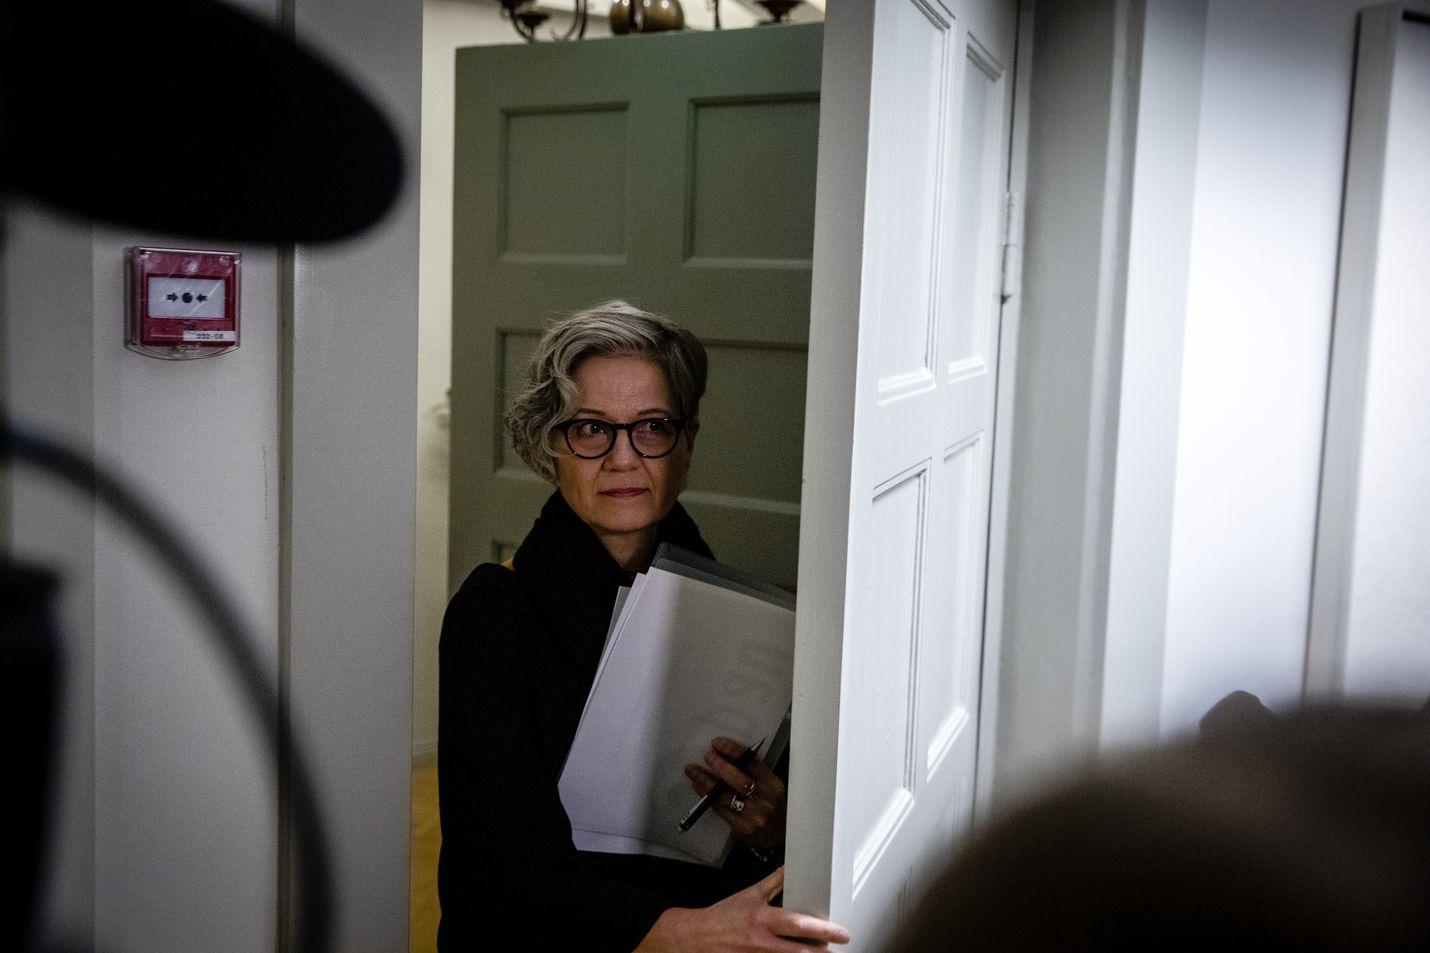 Valtakunnansovittelija Vuokko Piekkala joutuu taas ottamaan kantaa kiky-tuntien kohtaloon, kun lakonuhkien osapuolet tulevat erimielisyyden kanssa valtakunnansovittelijan toimistoon.